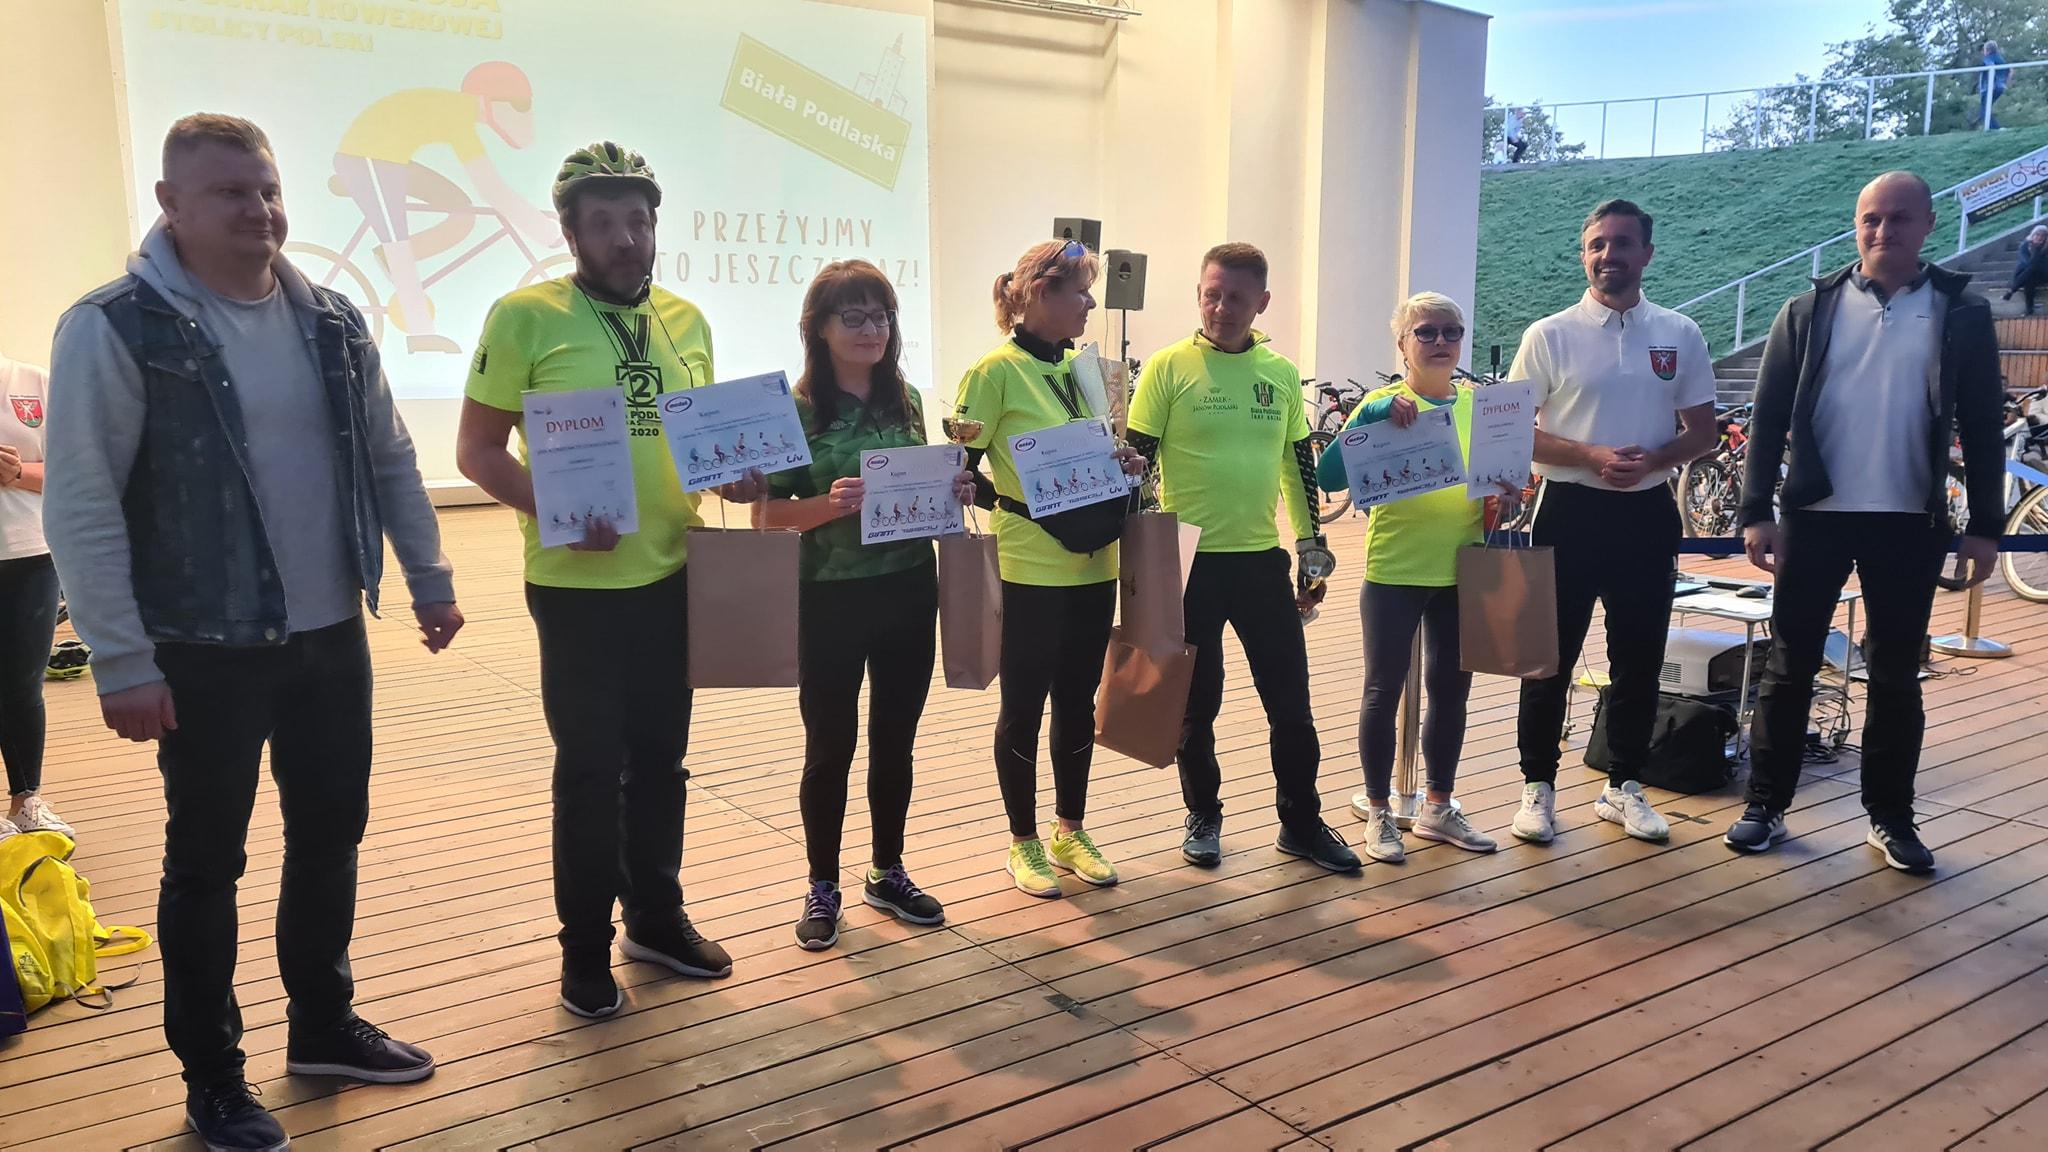 Miasto podsumowało rywalizację o Puchar Rowerowej Stolicy Polski - Zdjęcie główne